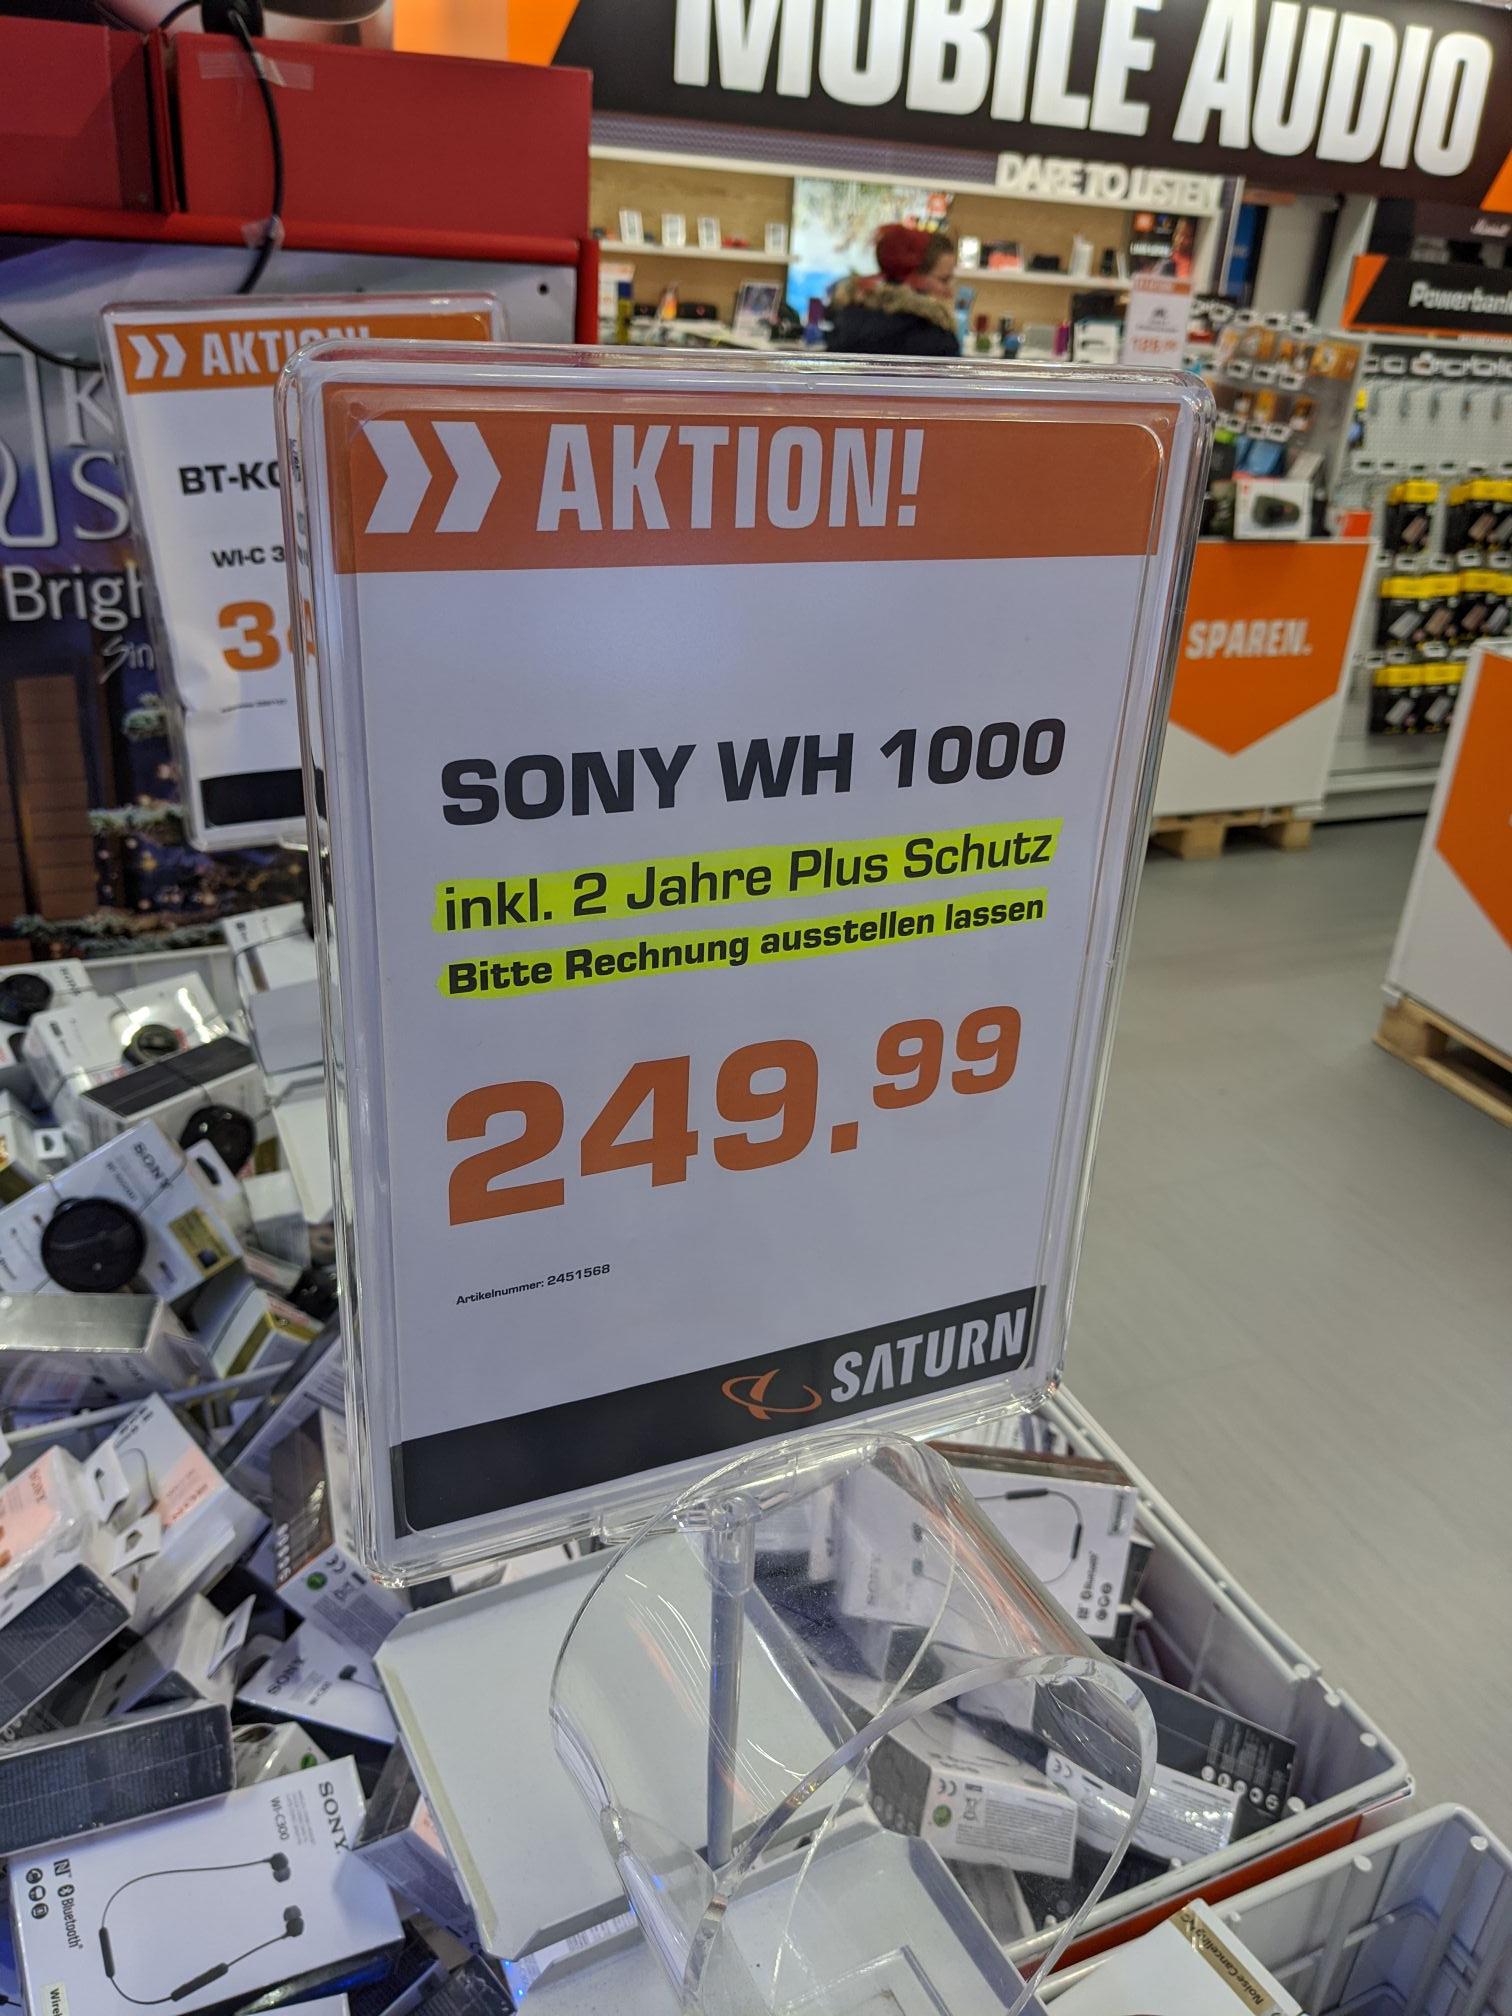 Sony WH-1000XM3 inkl. 2 Jahre Plus Schutz im Saturn Köln City [Lokal]